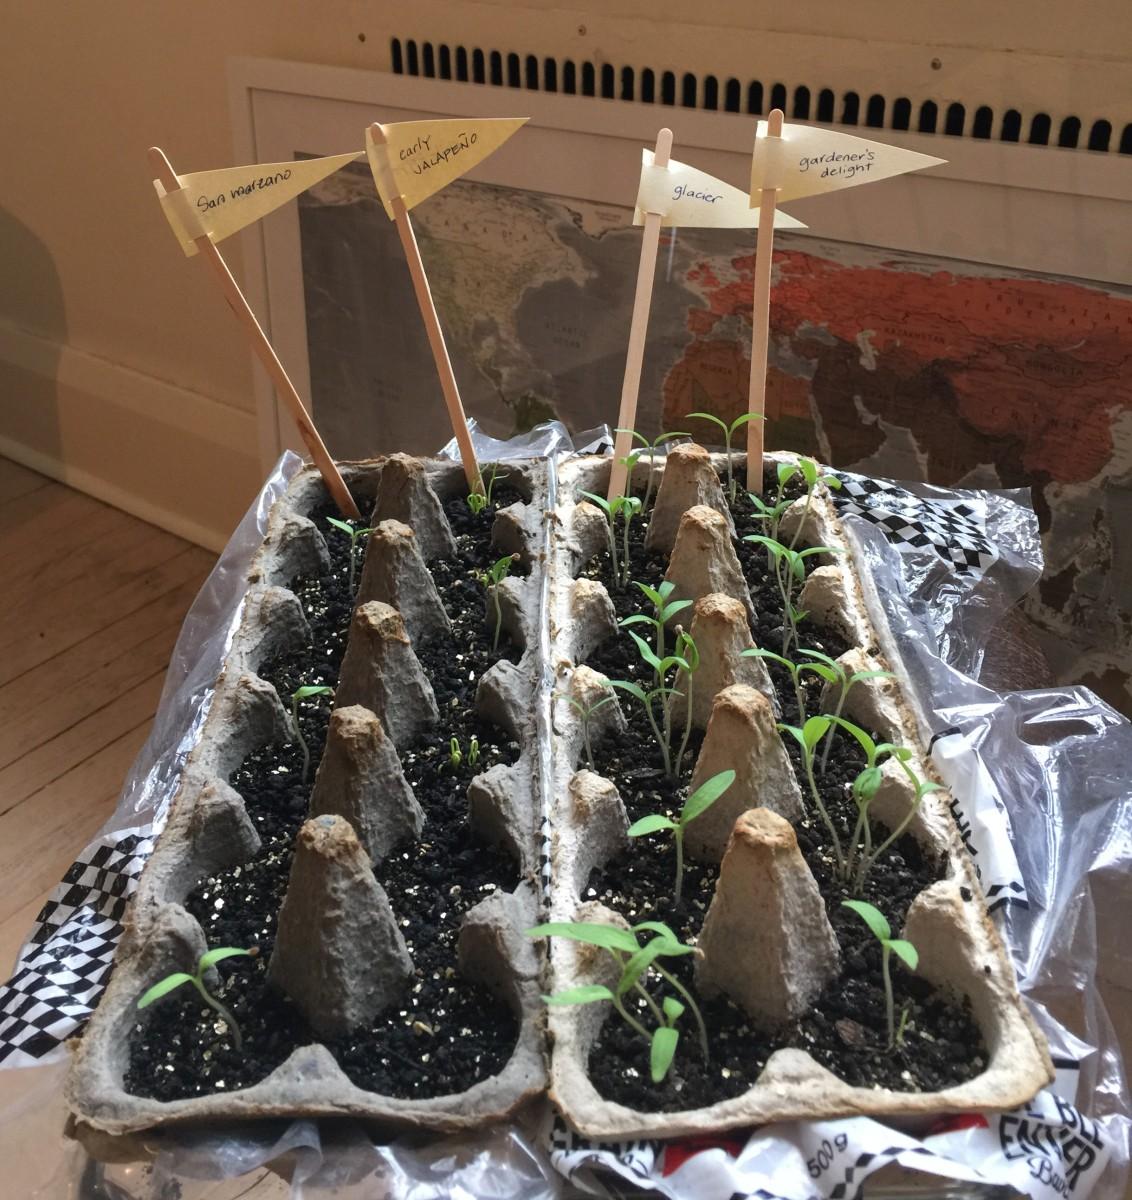 Egg carton seedlings.